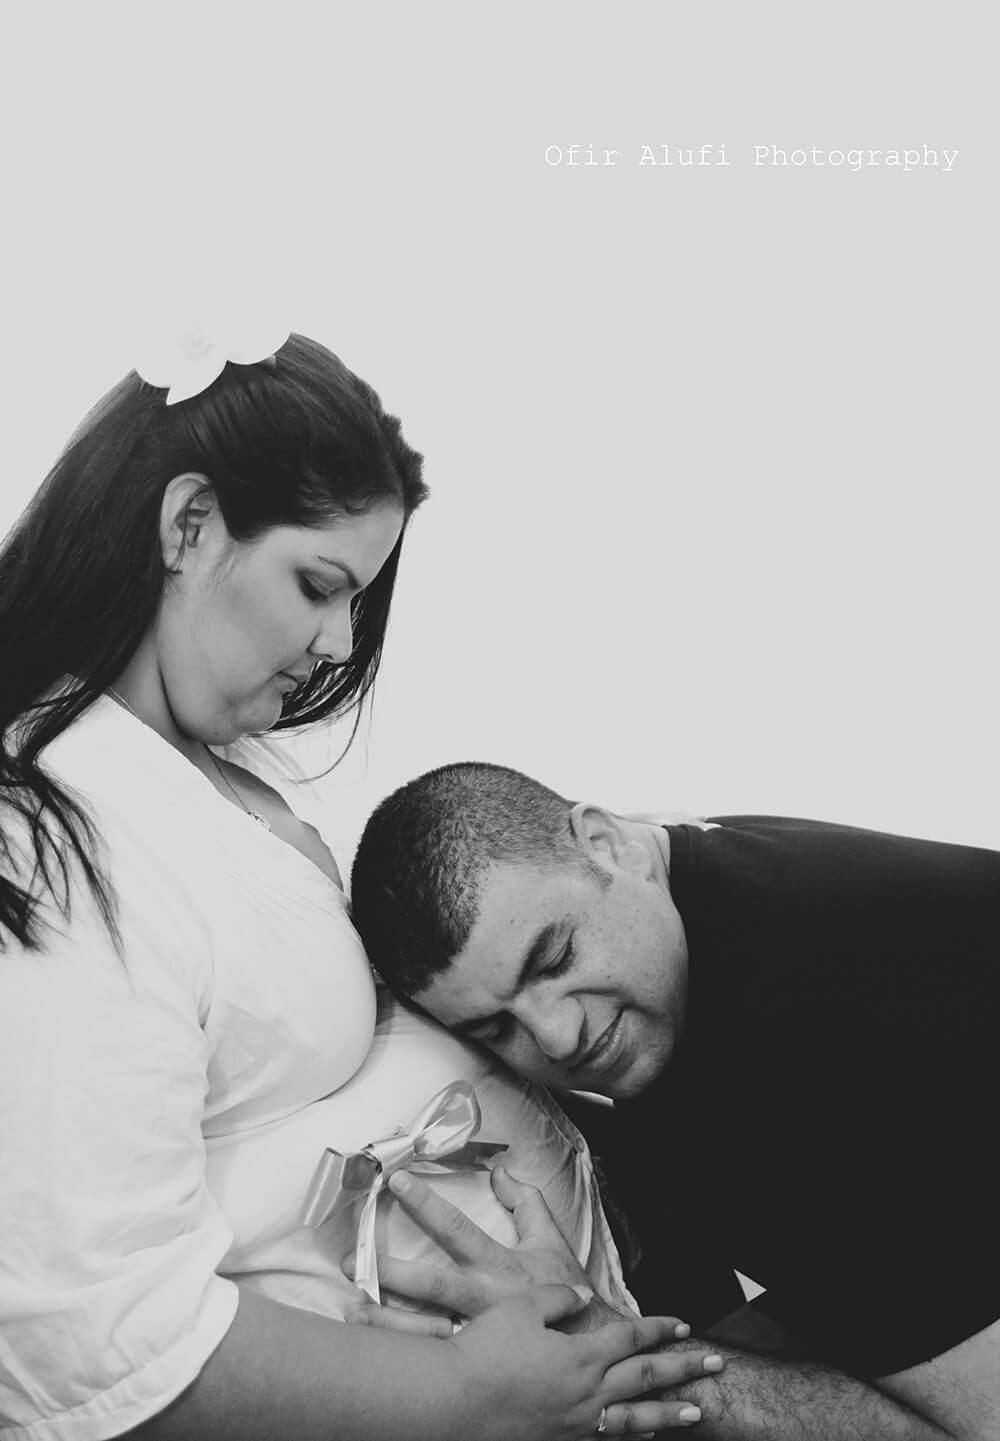 תמונות הריון בסטודיו | Ofir Alufi